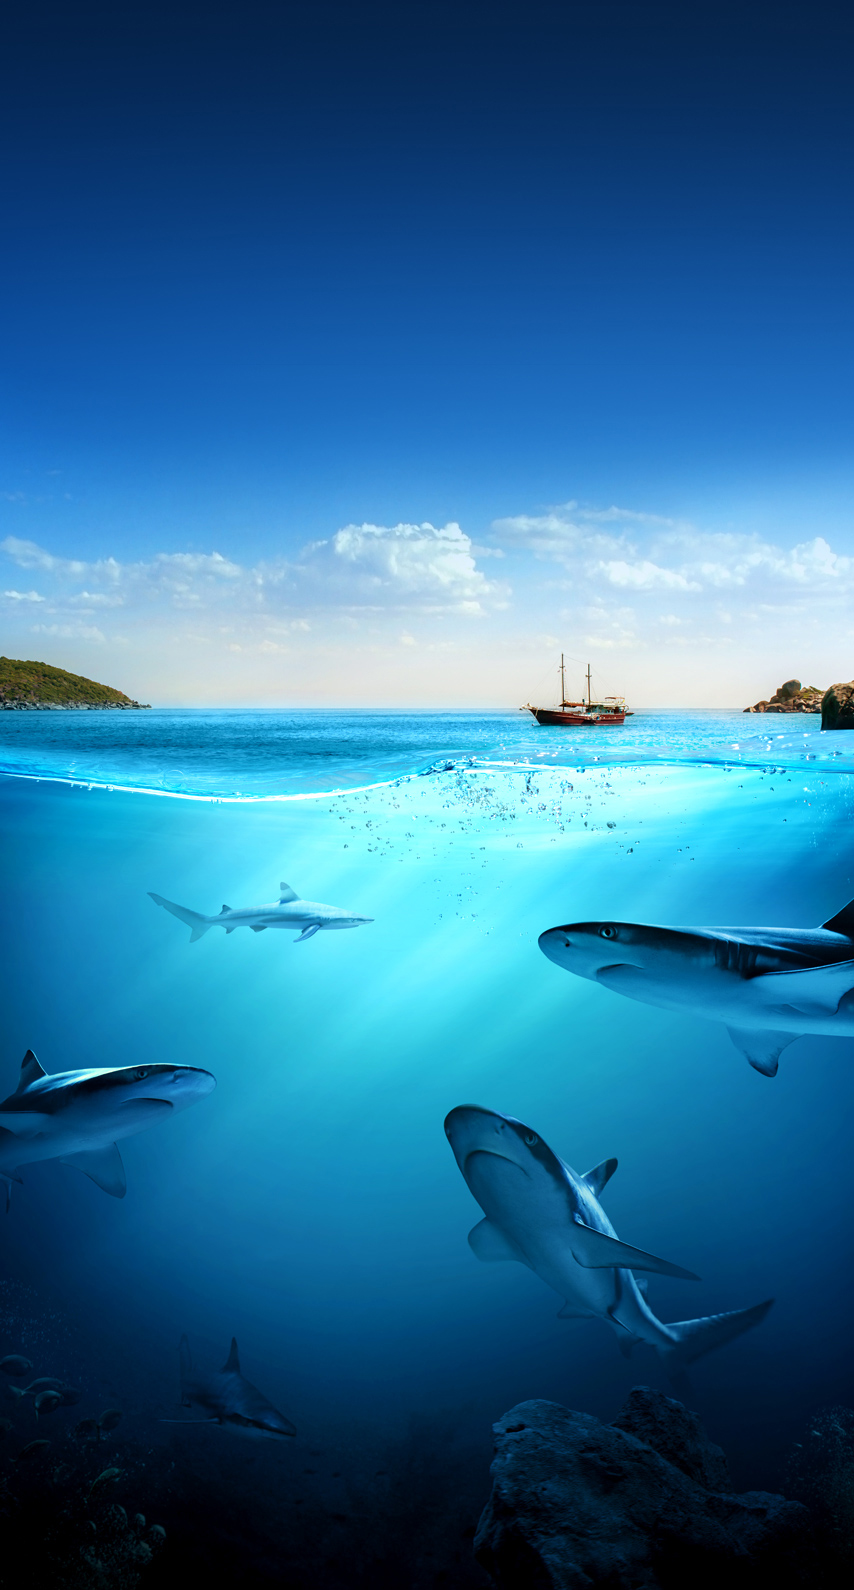 sea, water